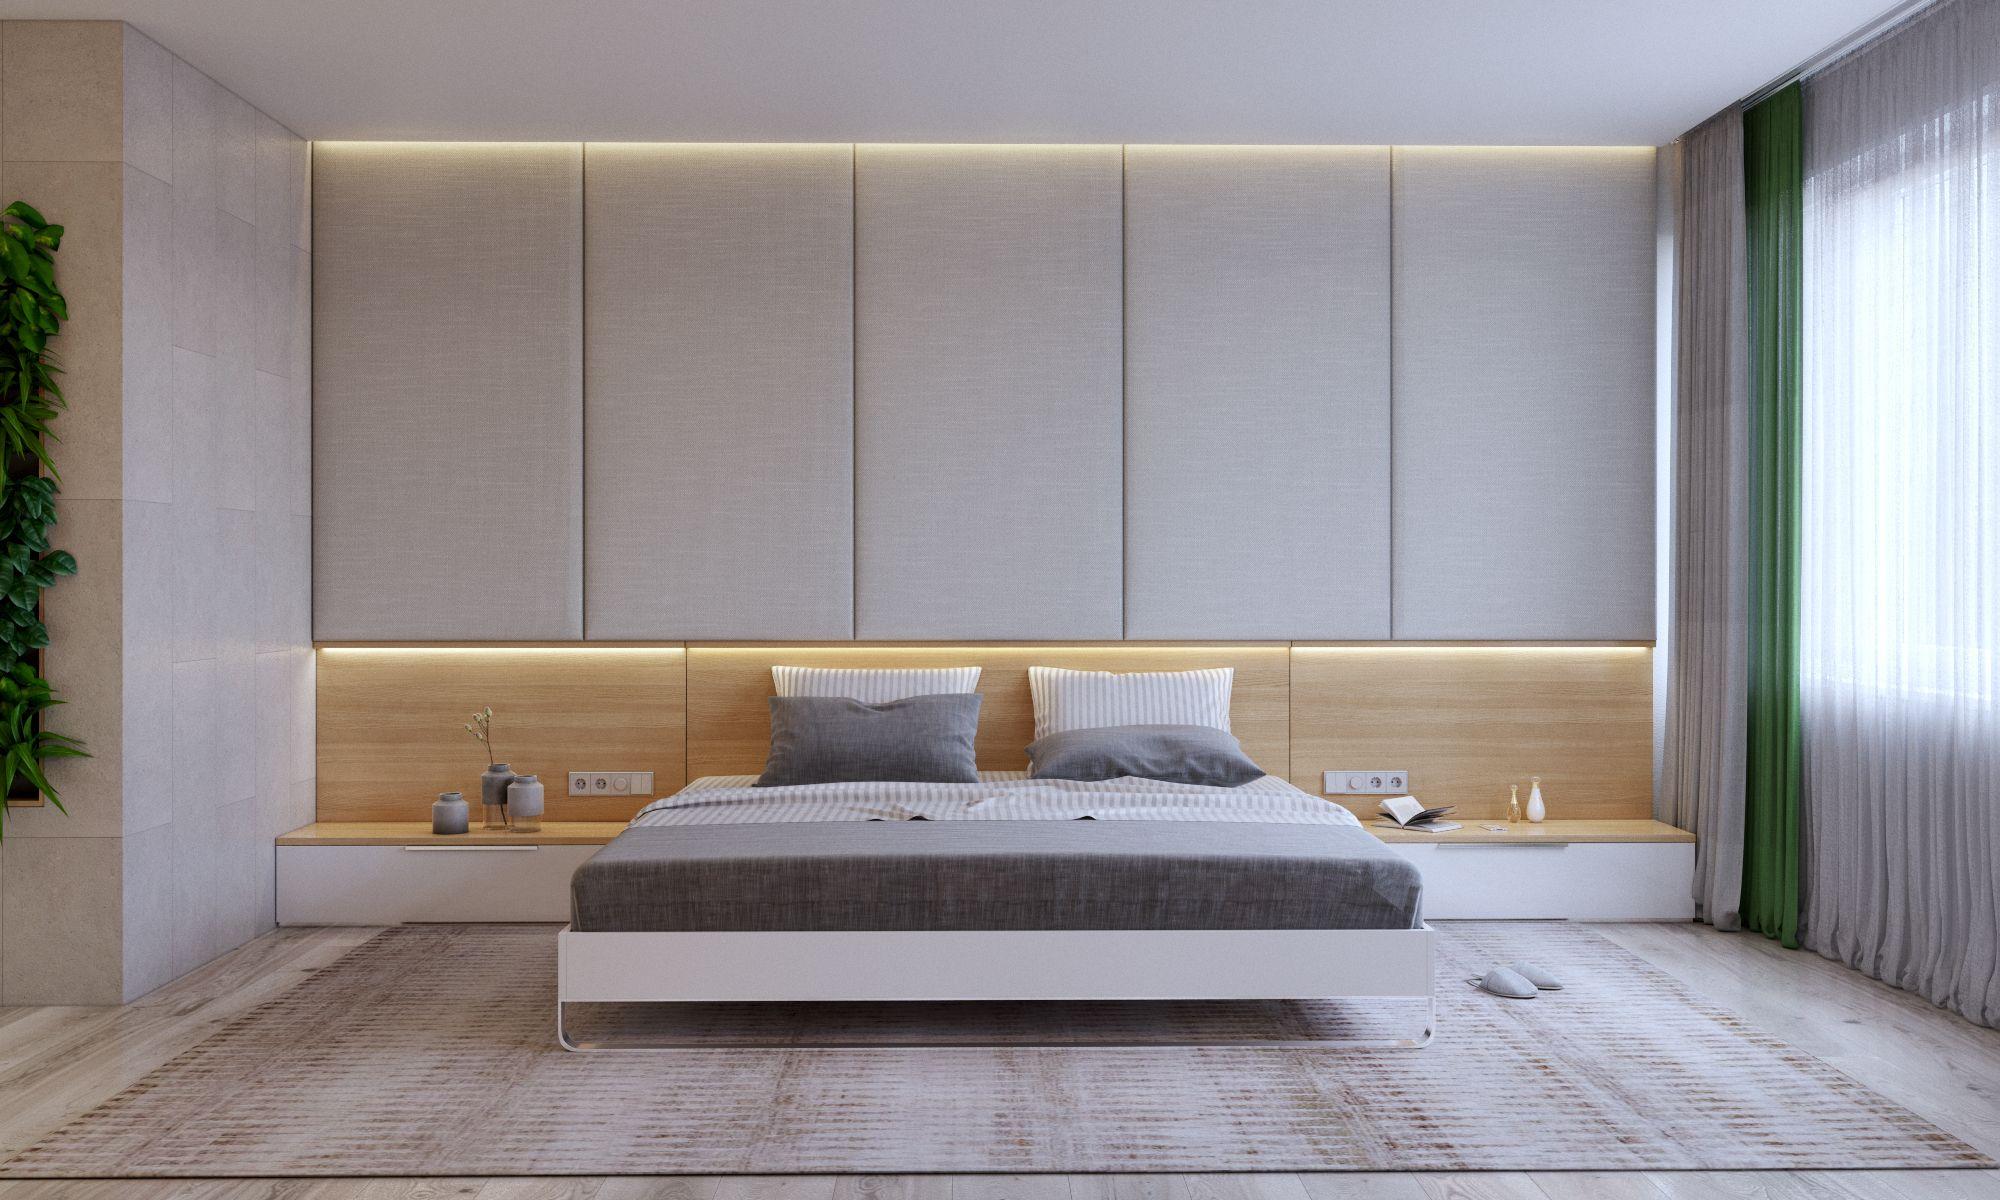 шкаф над кроватью в спальне оформление идеи